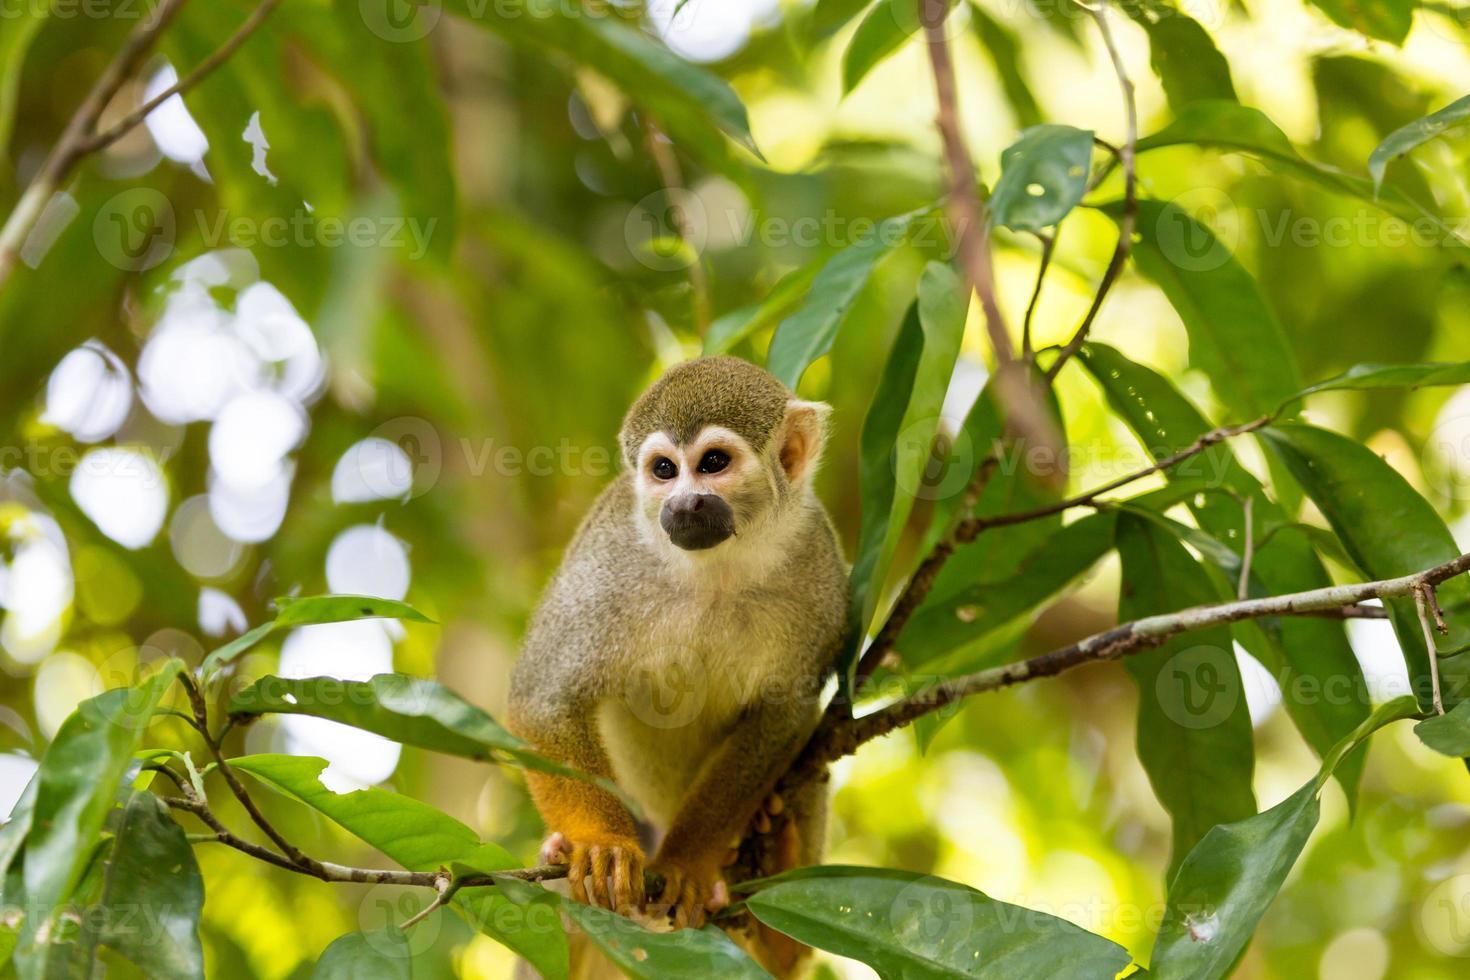 mono ardilla de capa negra sentado en un árbol foto